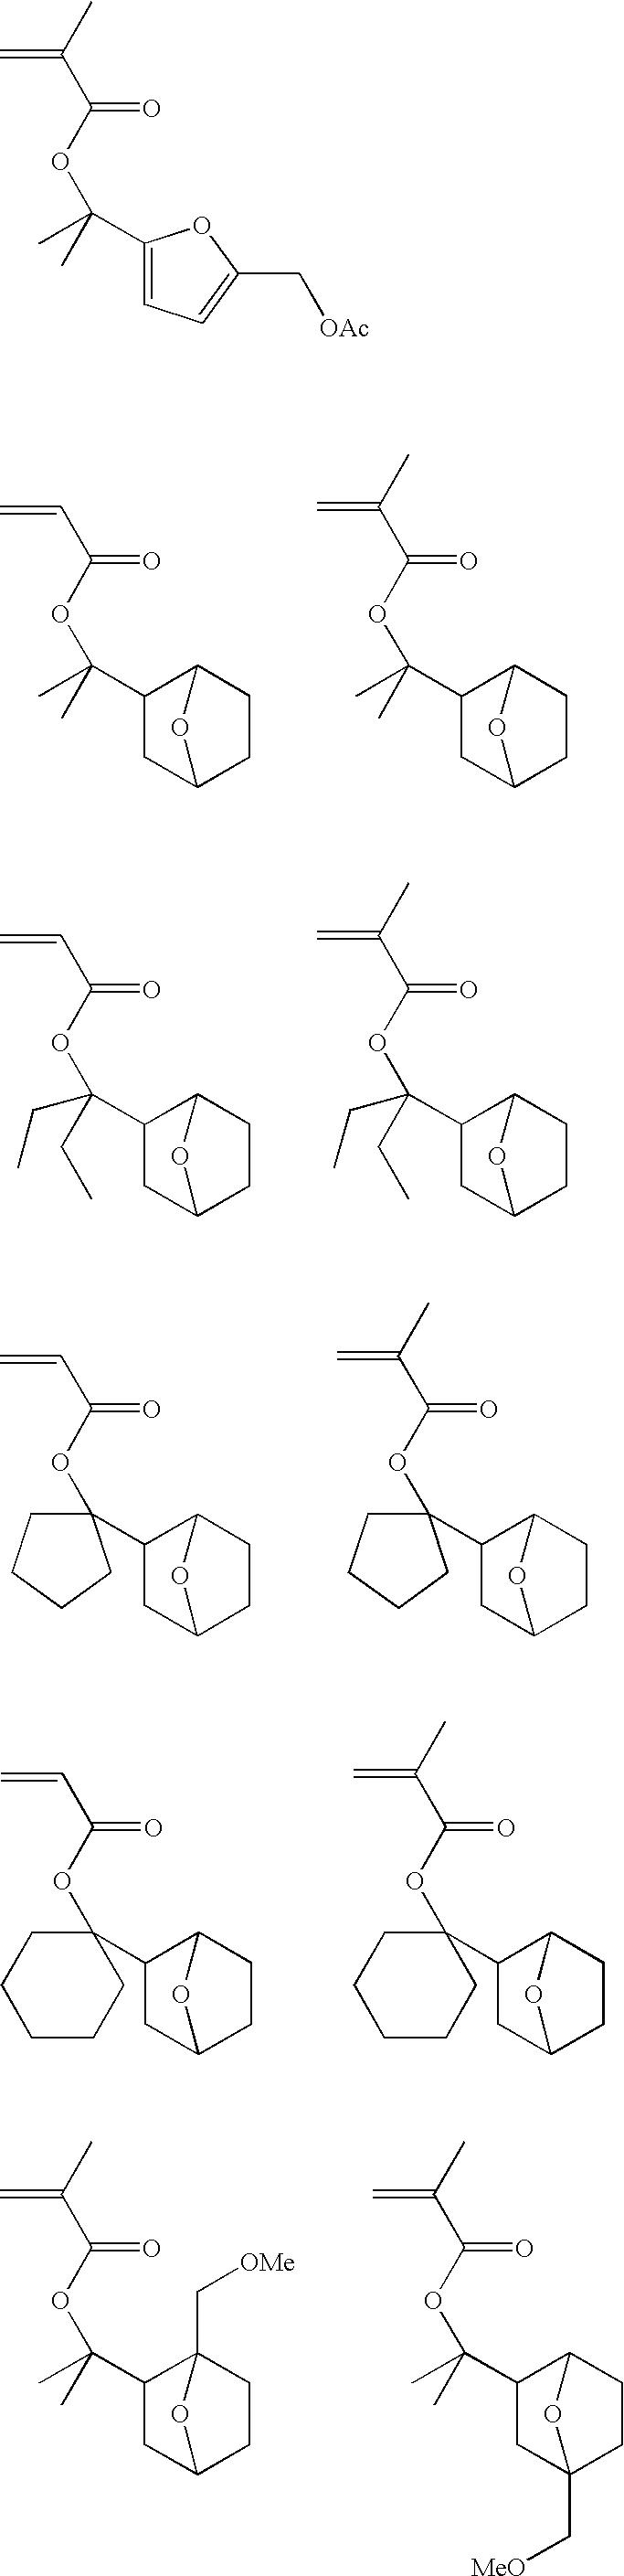 Figure US08129086-20120306-C00061